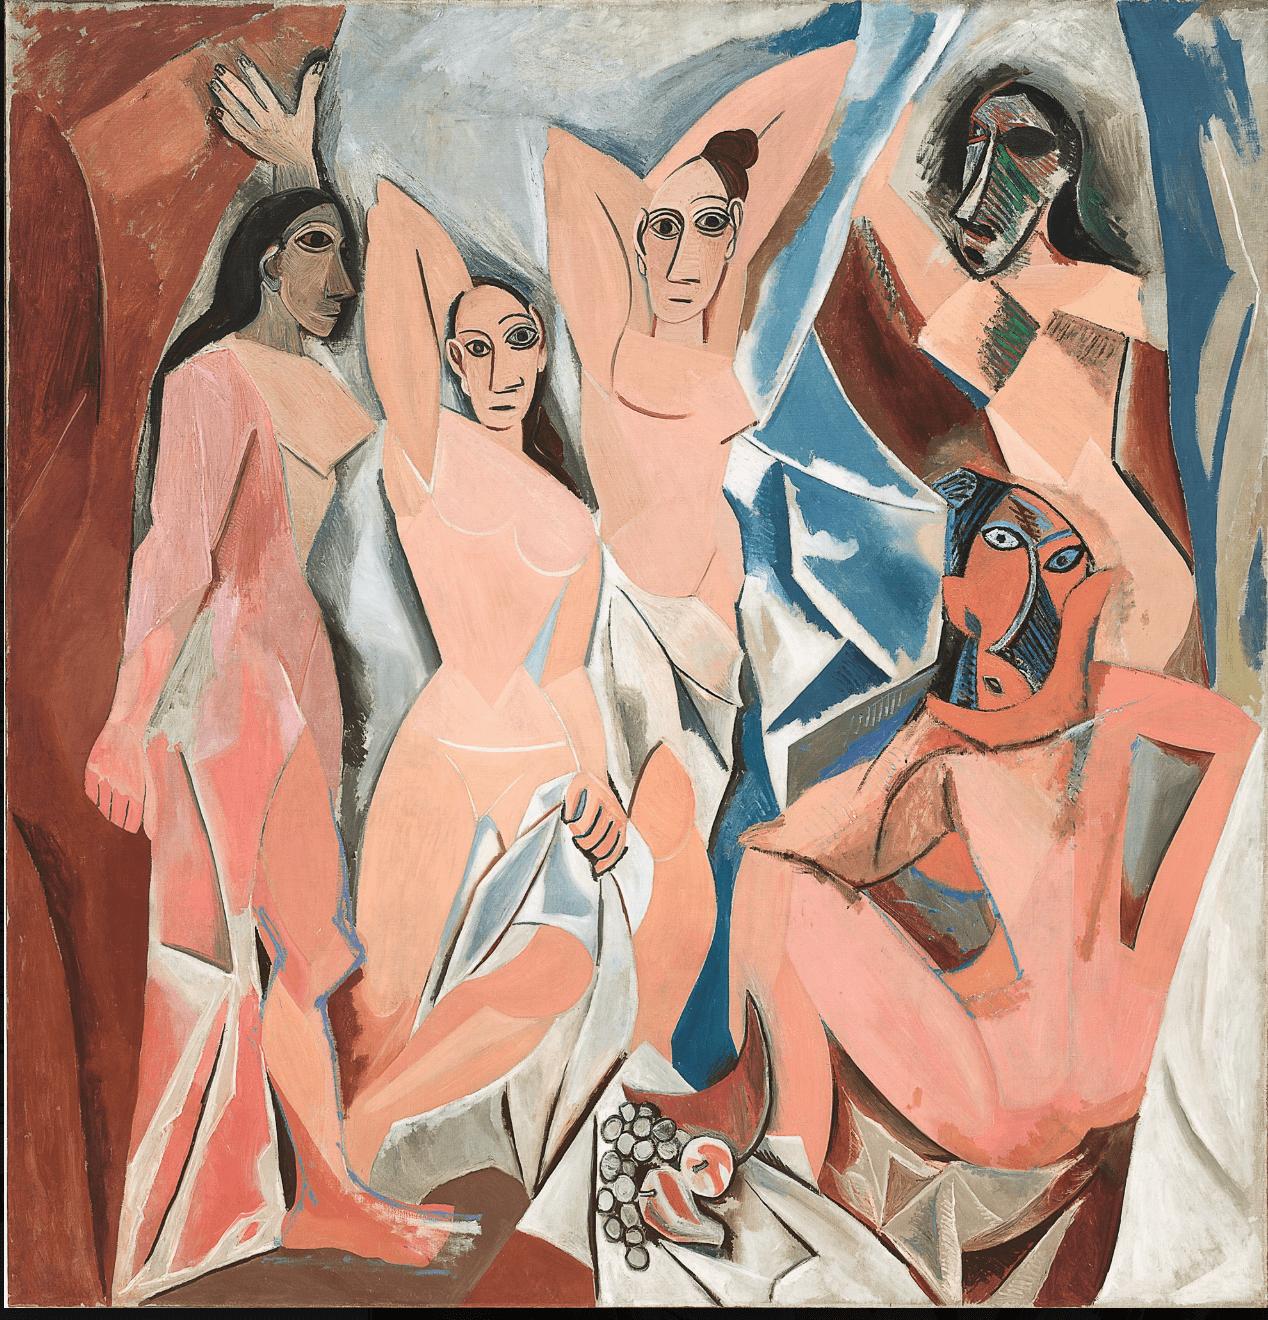 Les Demoiselles d Avignon- - Pablo Picasso